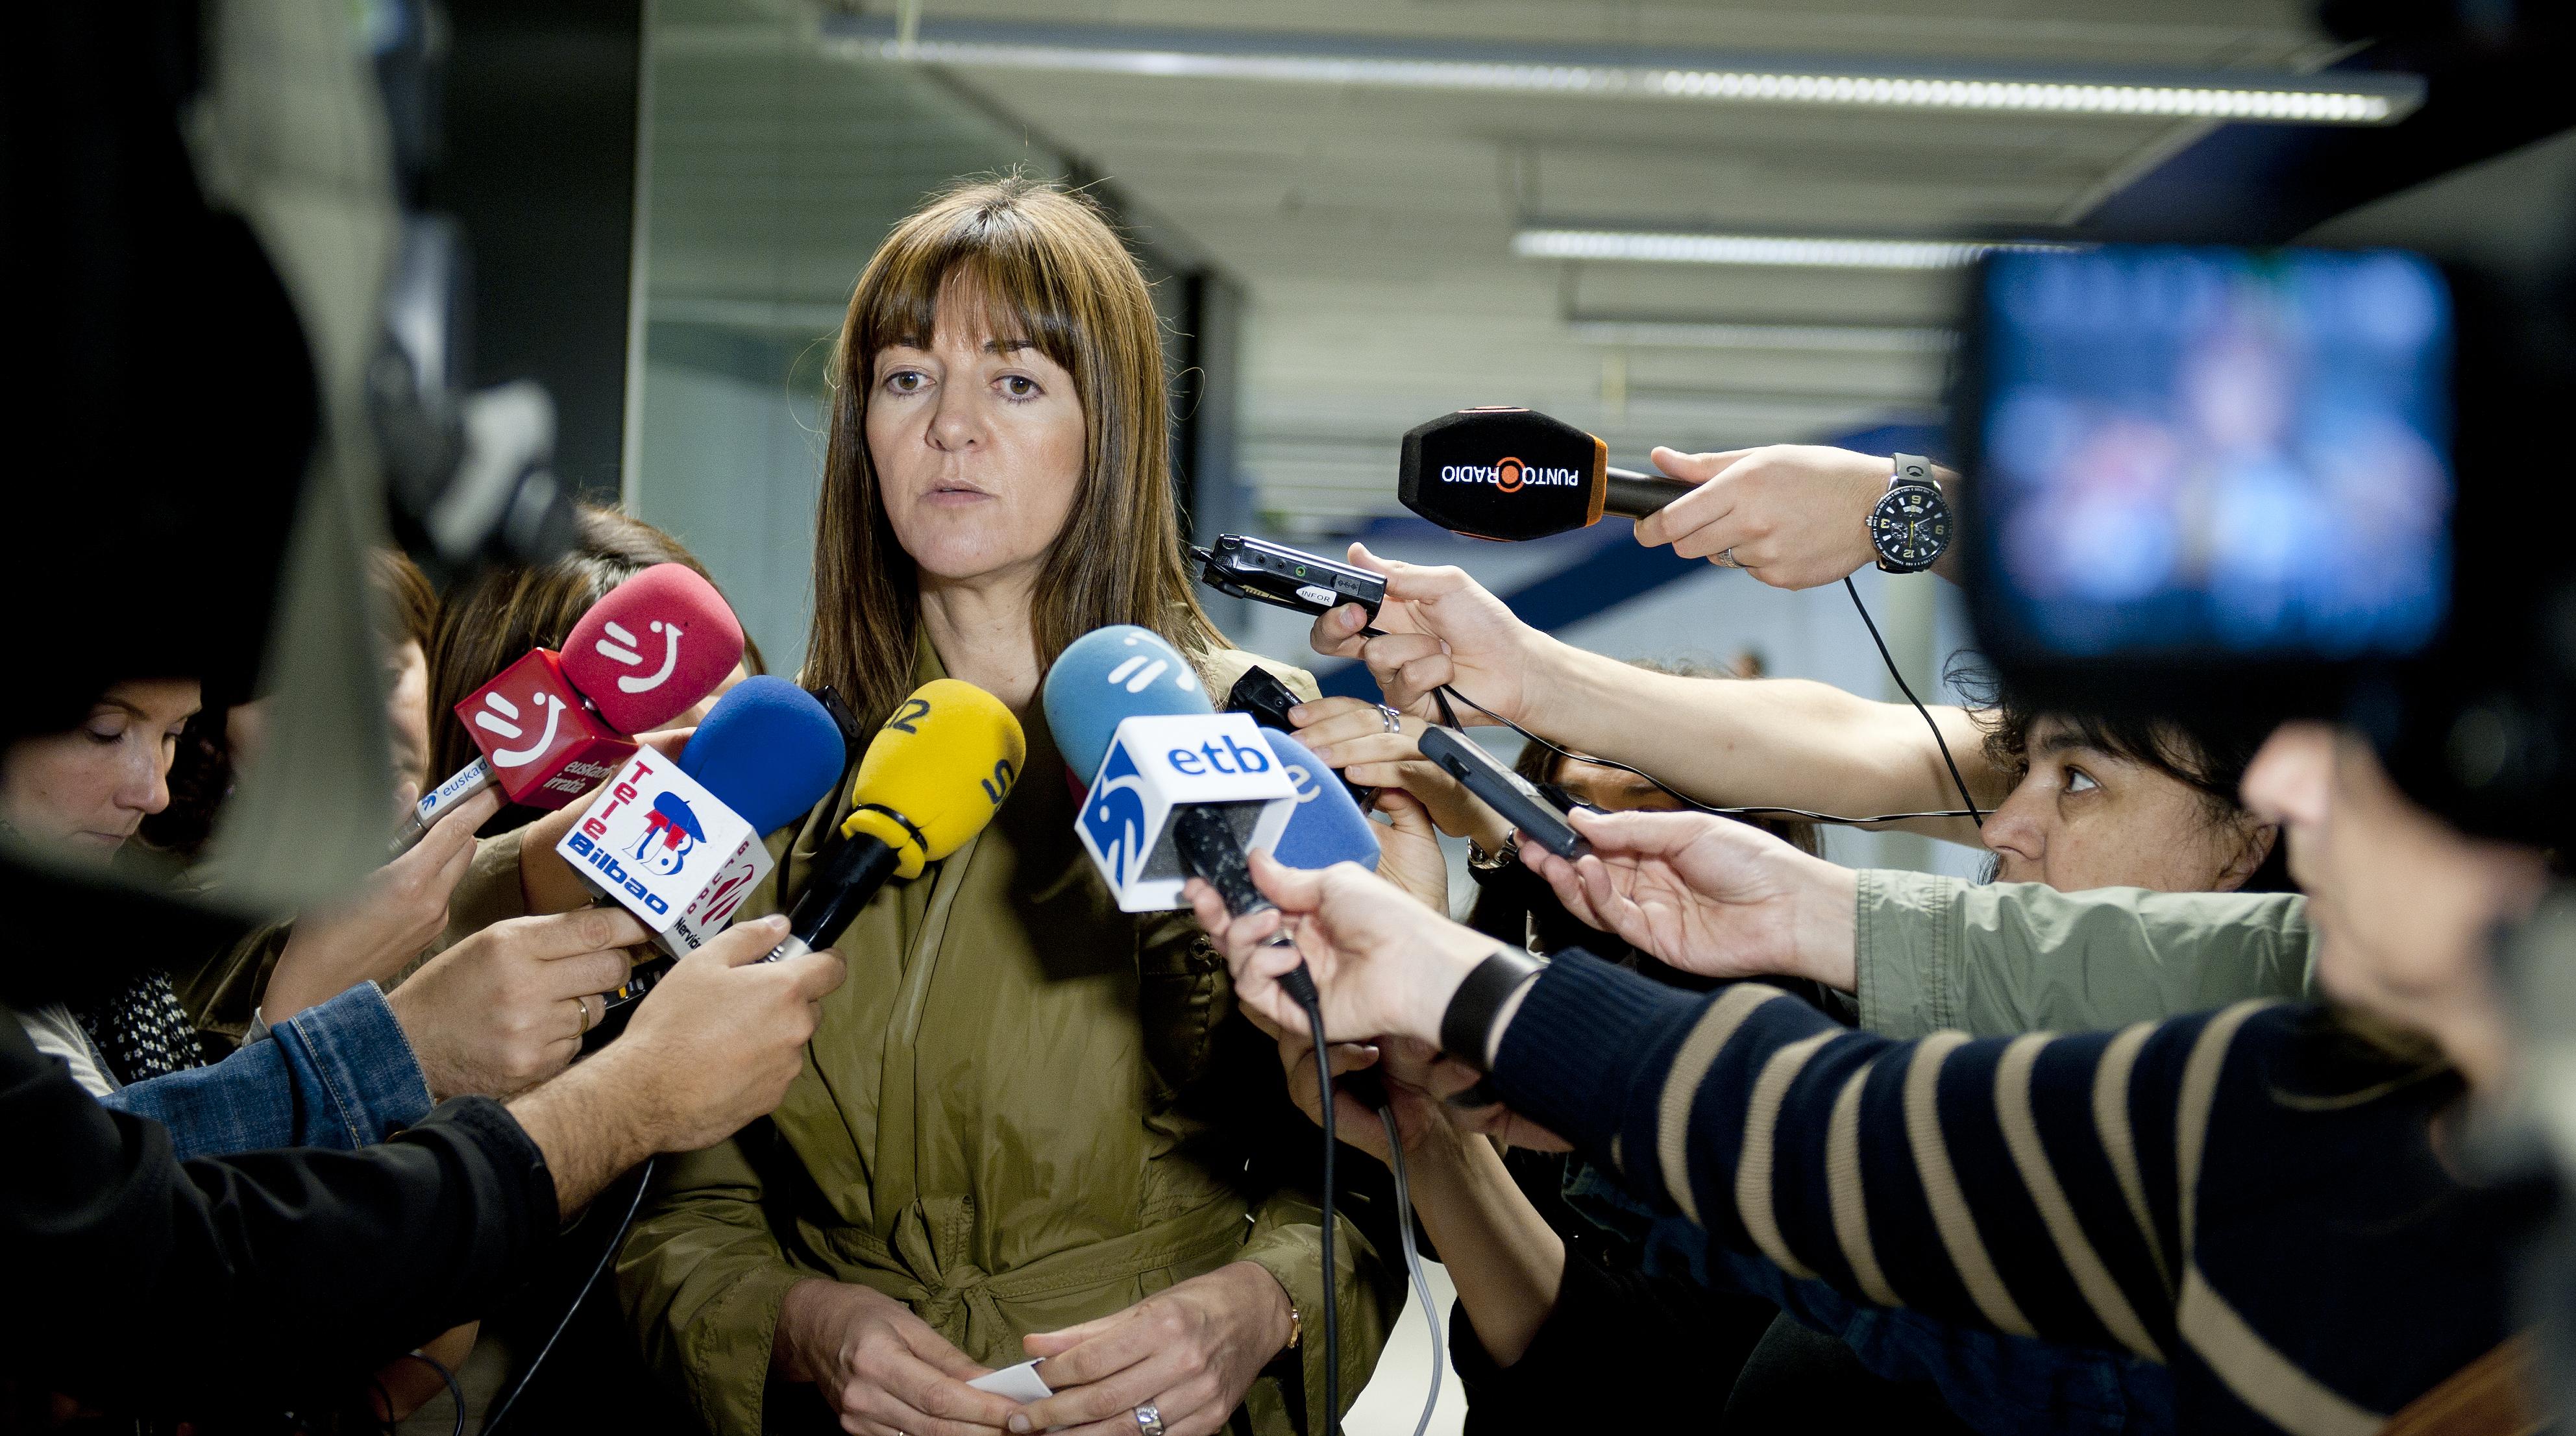 2012_06_13_mendia_mediacion_hipotecaria_04.jpg